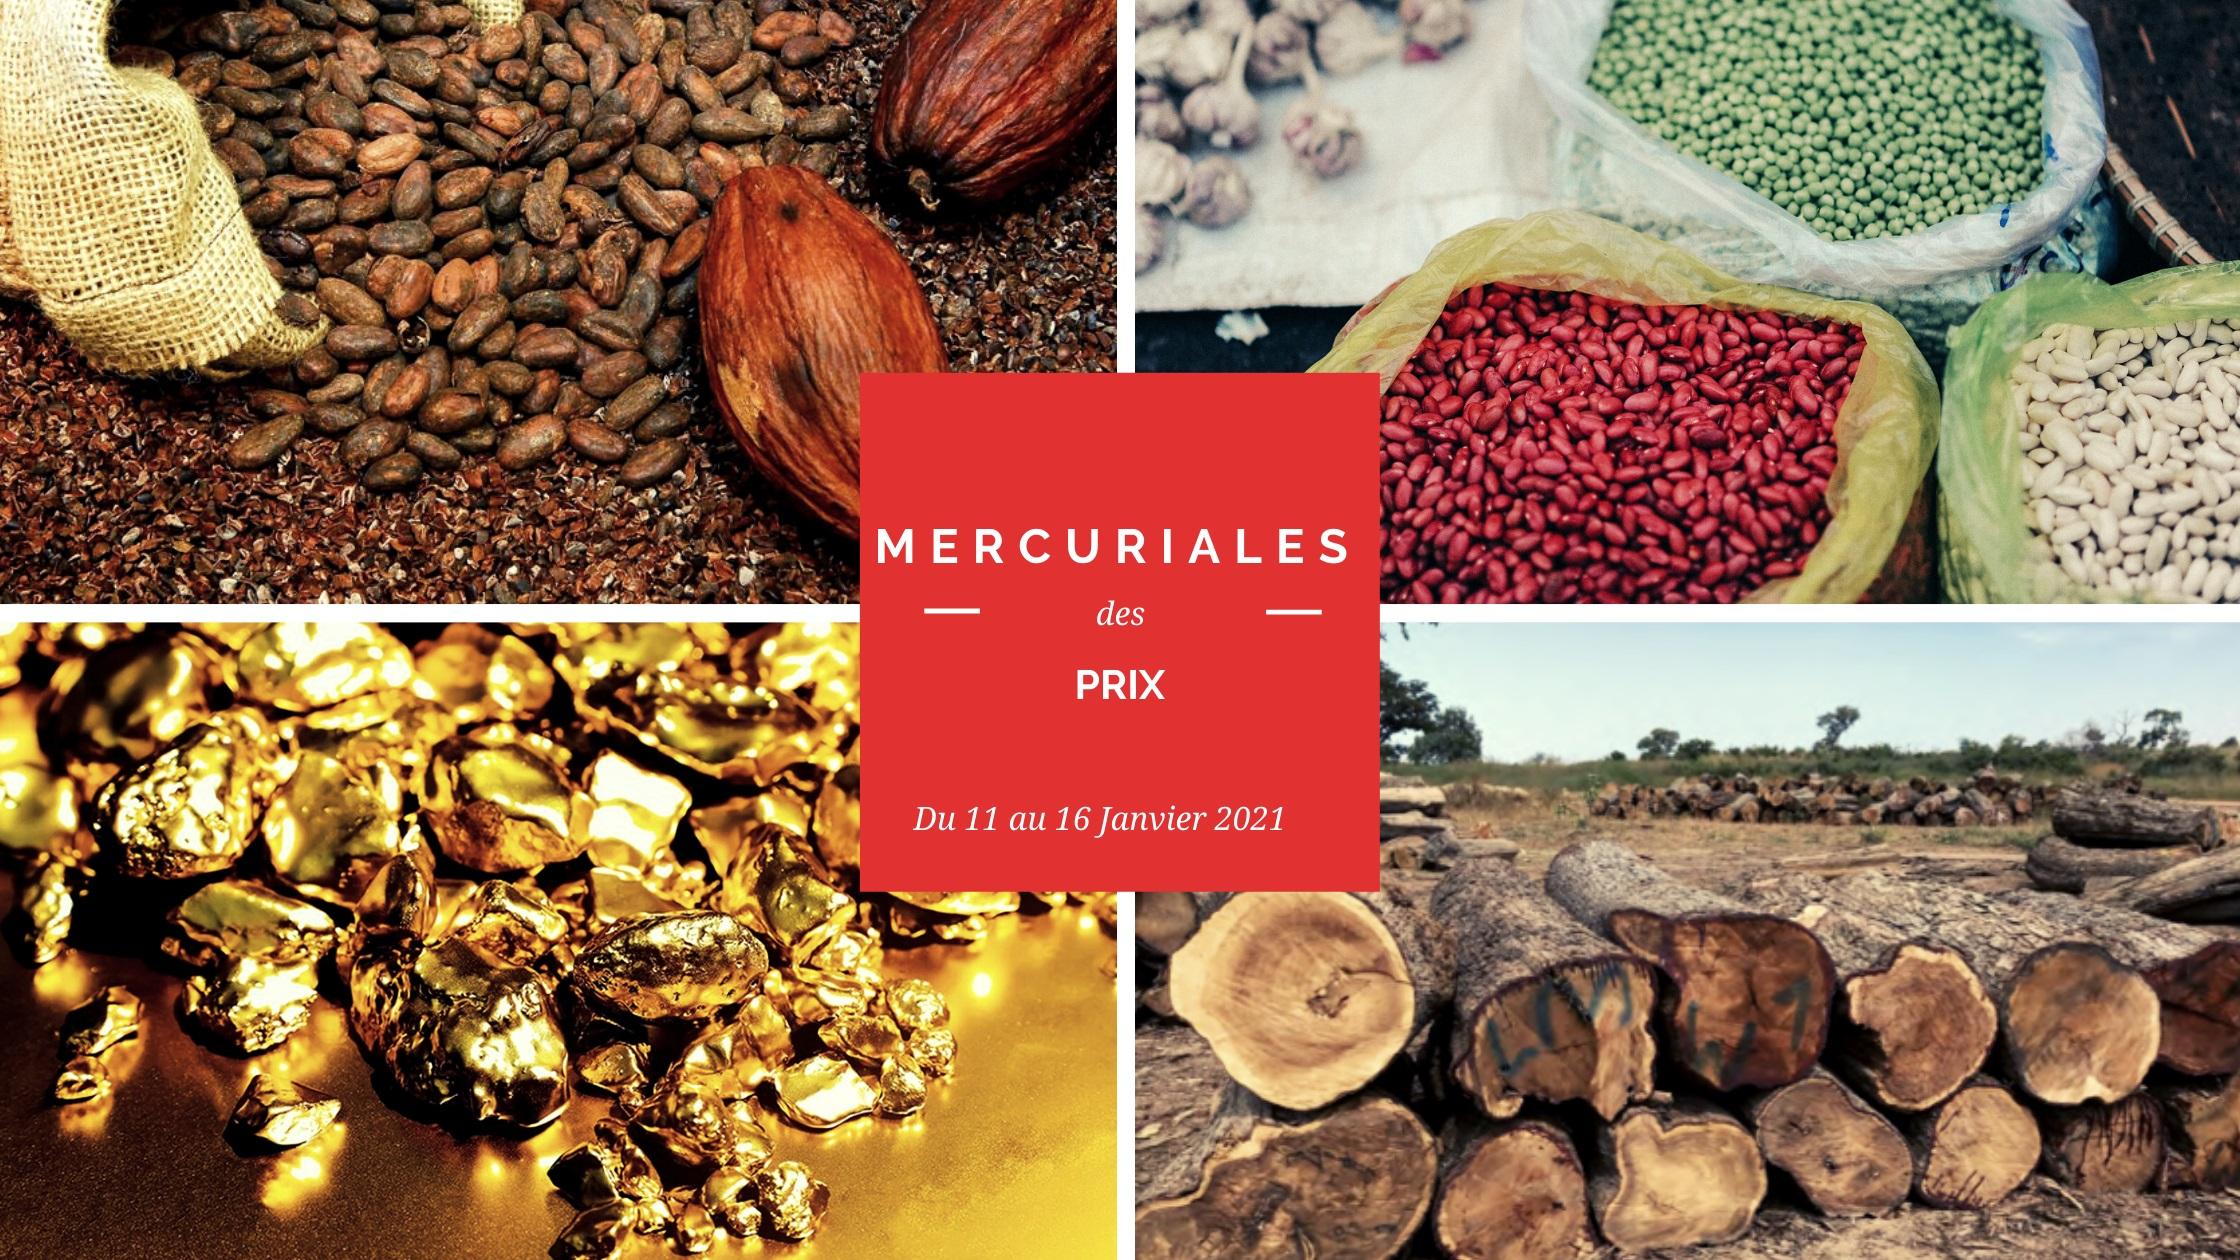 images/Mercuriale-des-Prix.jpg